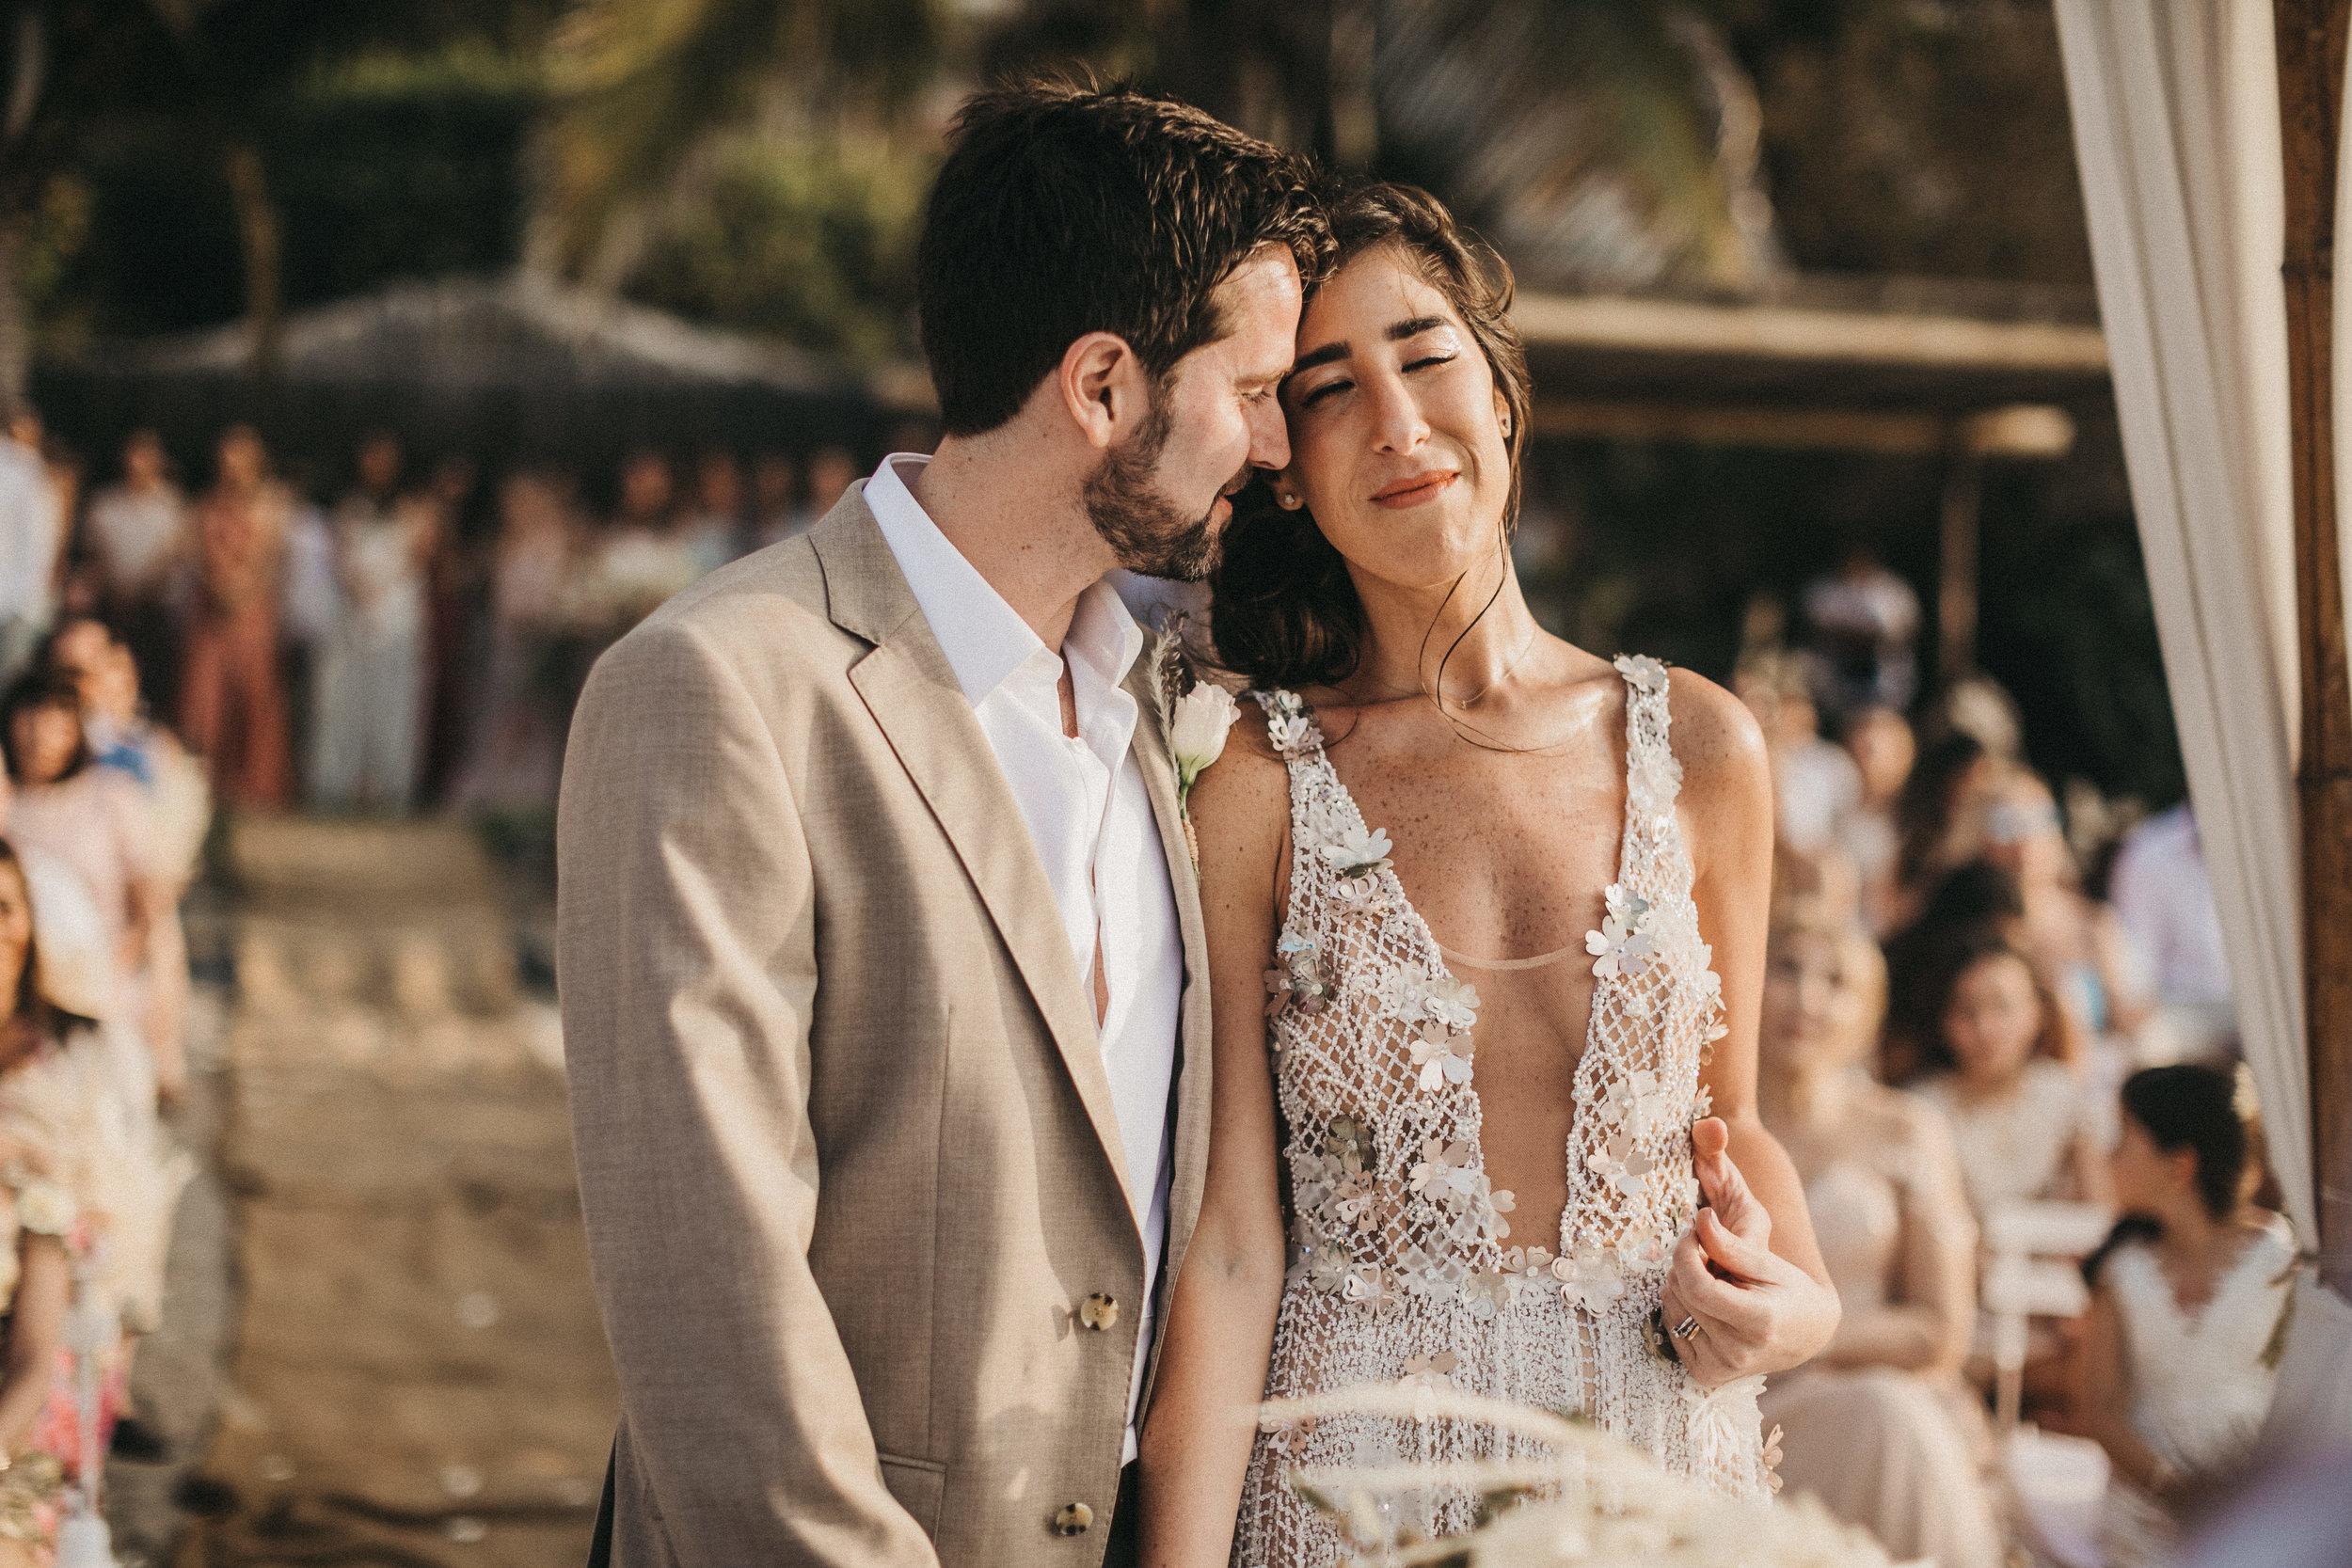 Fotografo de bodas españa serafin castillo wedding photographer spain 060.jpg